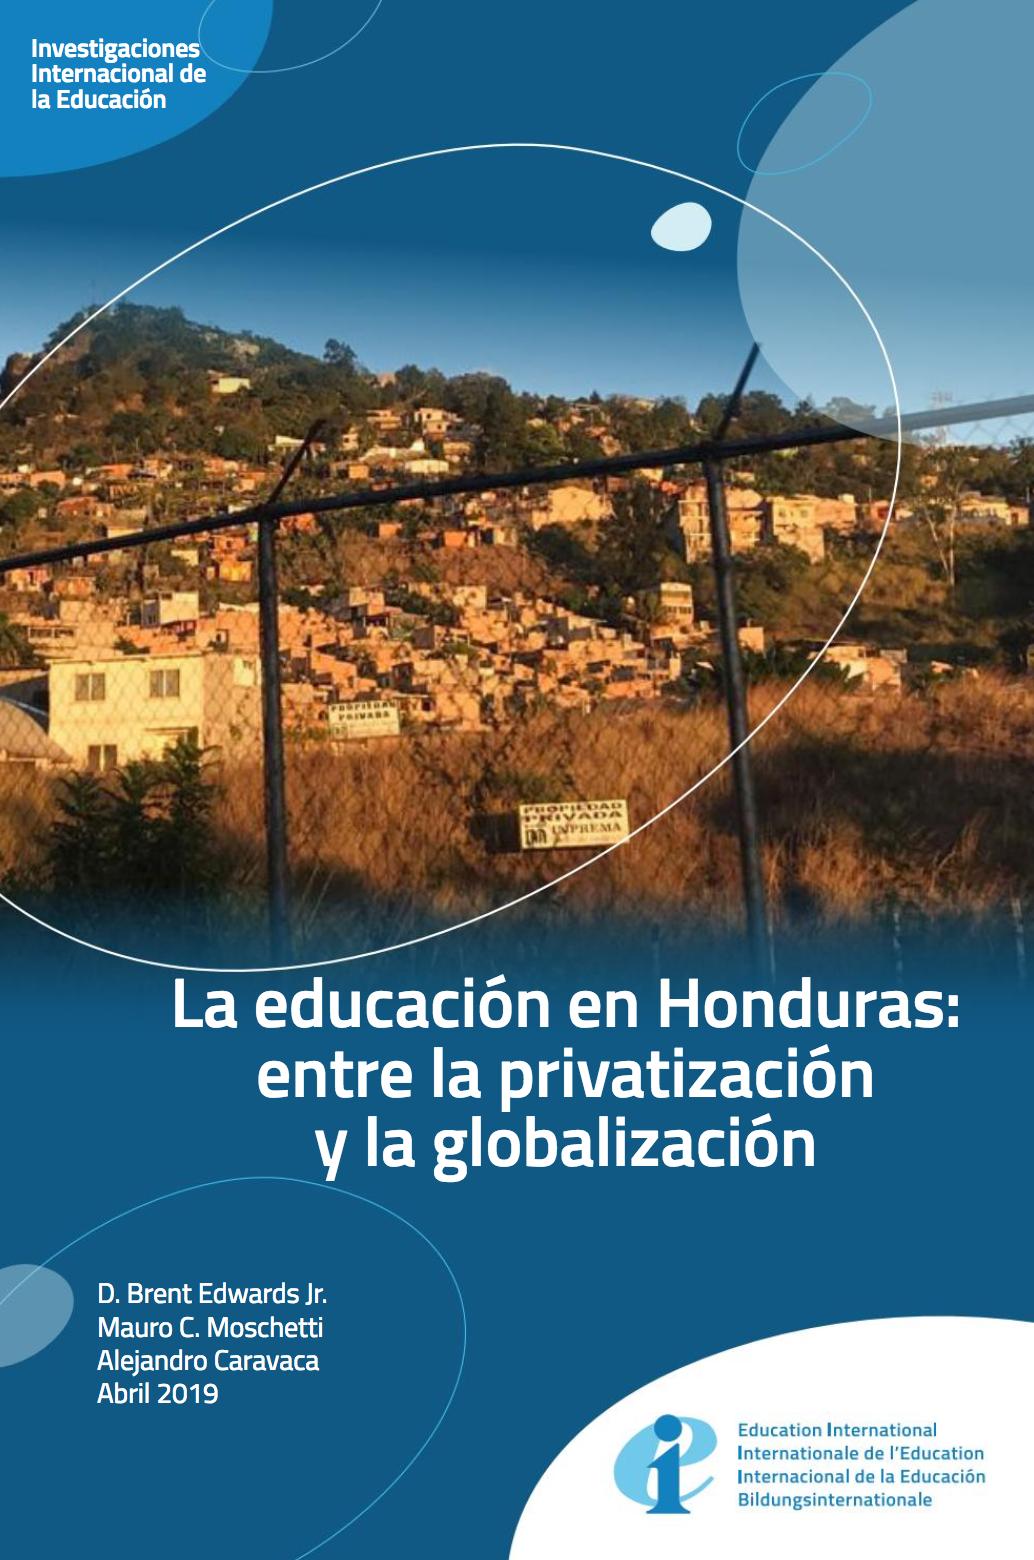 La Educación en Honduras: entre la privatización y la globalización